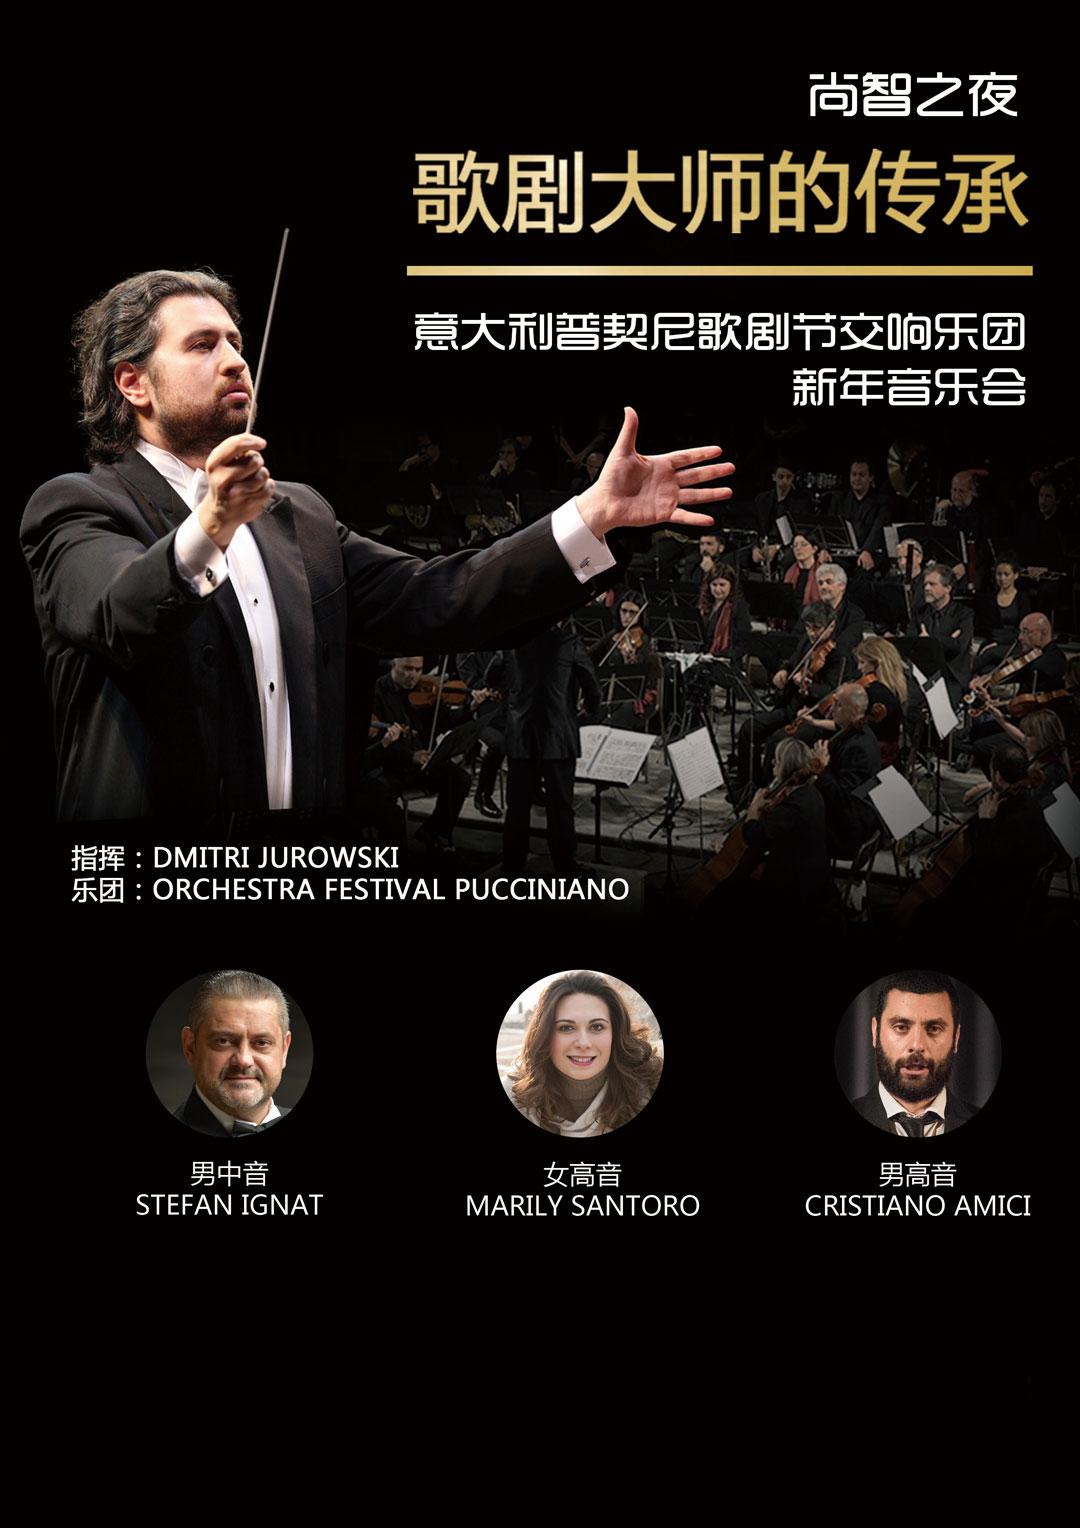 意大利普契尼歌剧节交响乐团北京新年音乐会